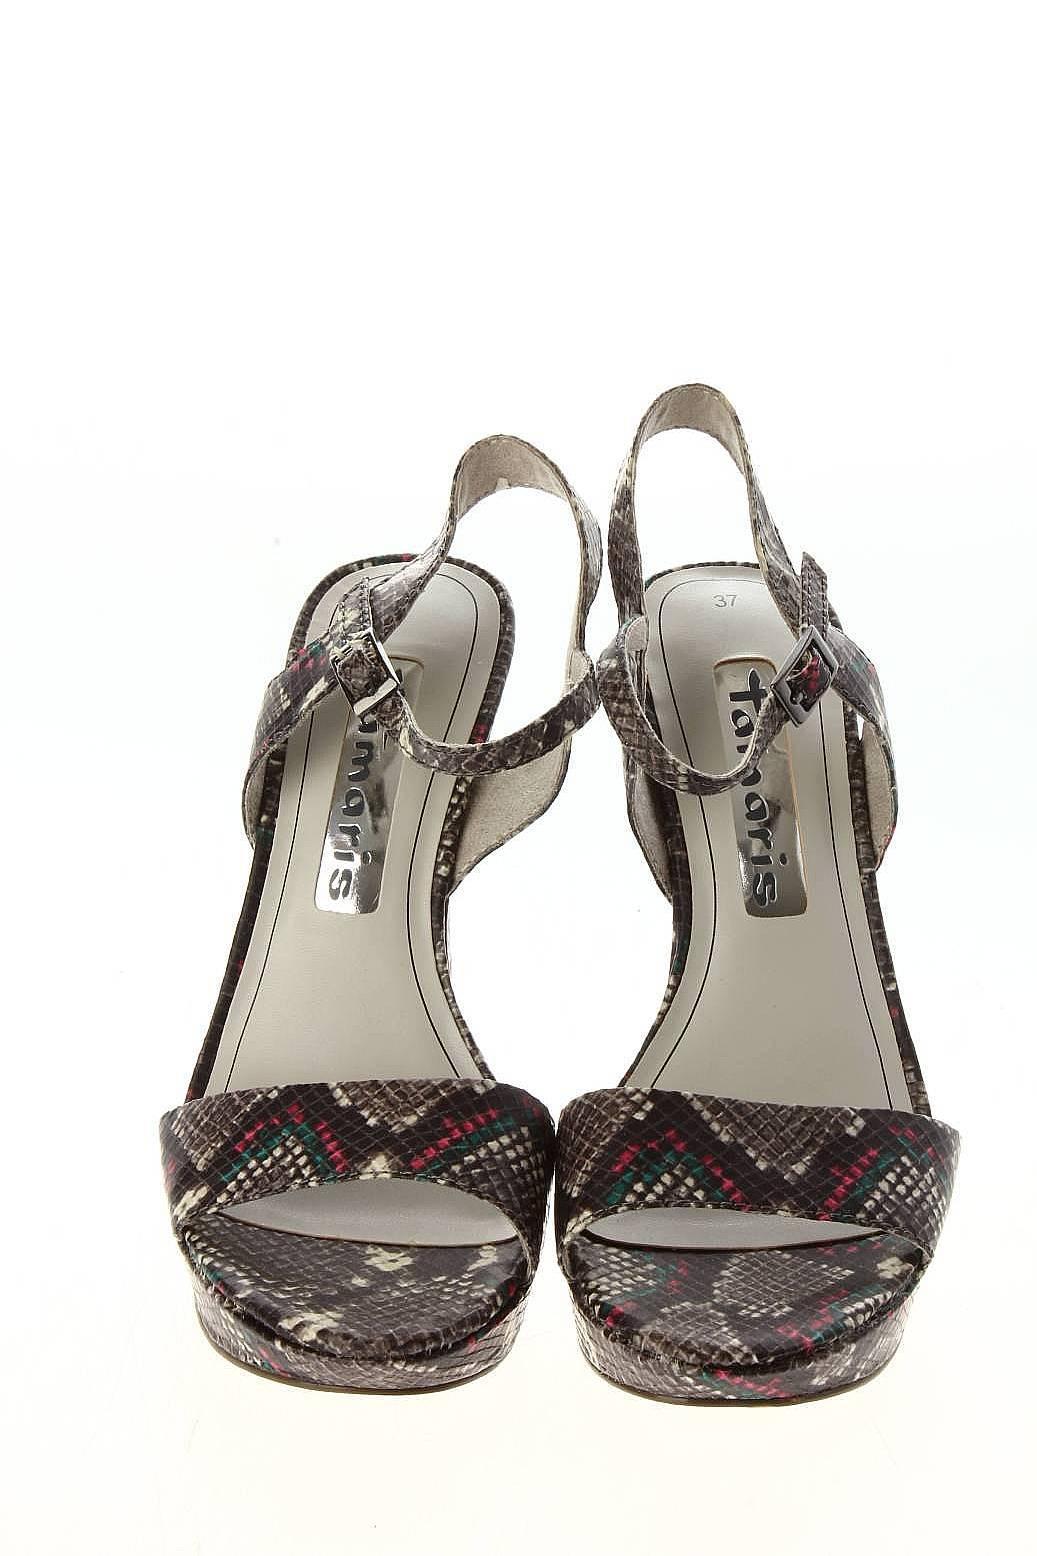 Мужская Обувь Детская Обувь Женская Обувь Туфли Открытые: Tamaris Обувь